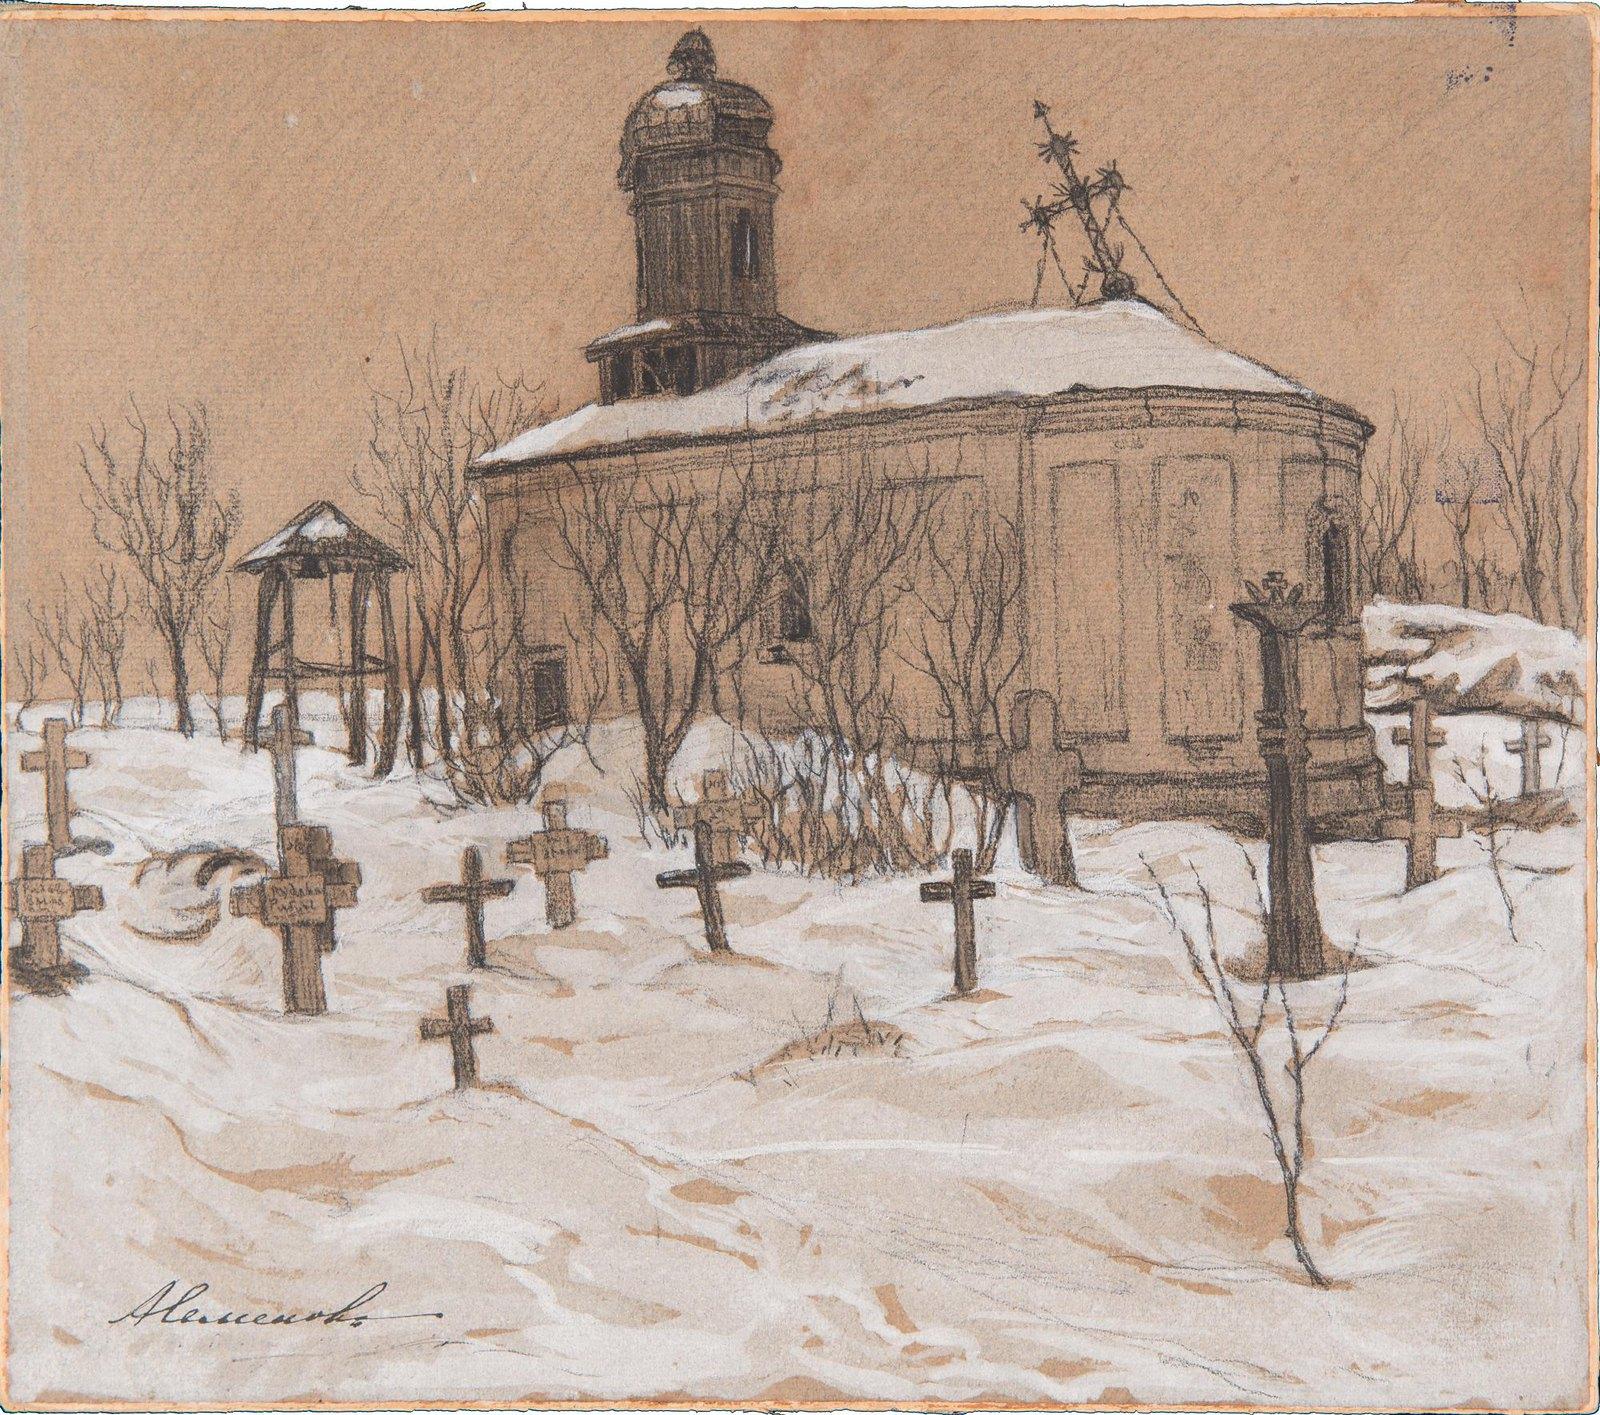 1915. Могилы наших героев. Солдатское кладбище у разрушенной церкви